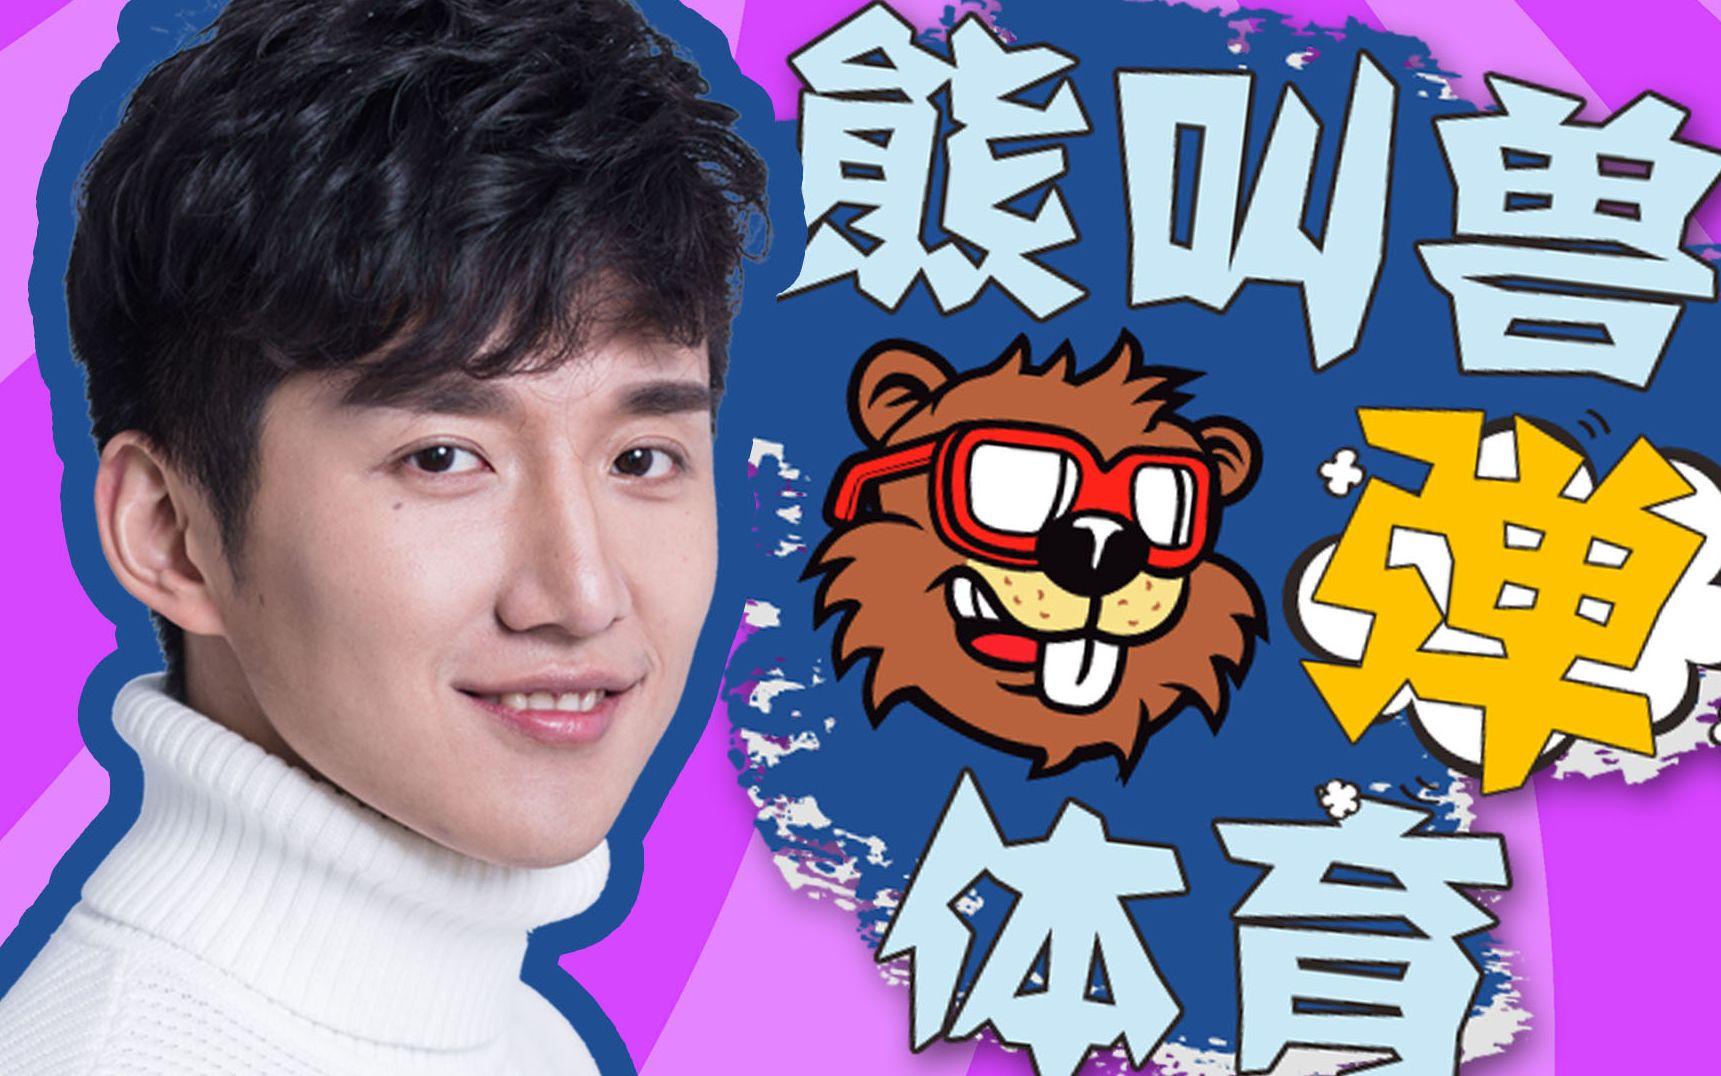 最近爱奇艺的一个有趣的节目 承包你的笑点 熊叫